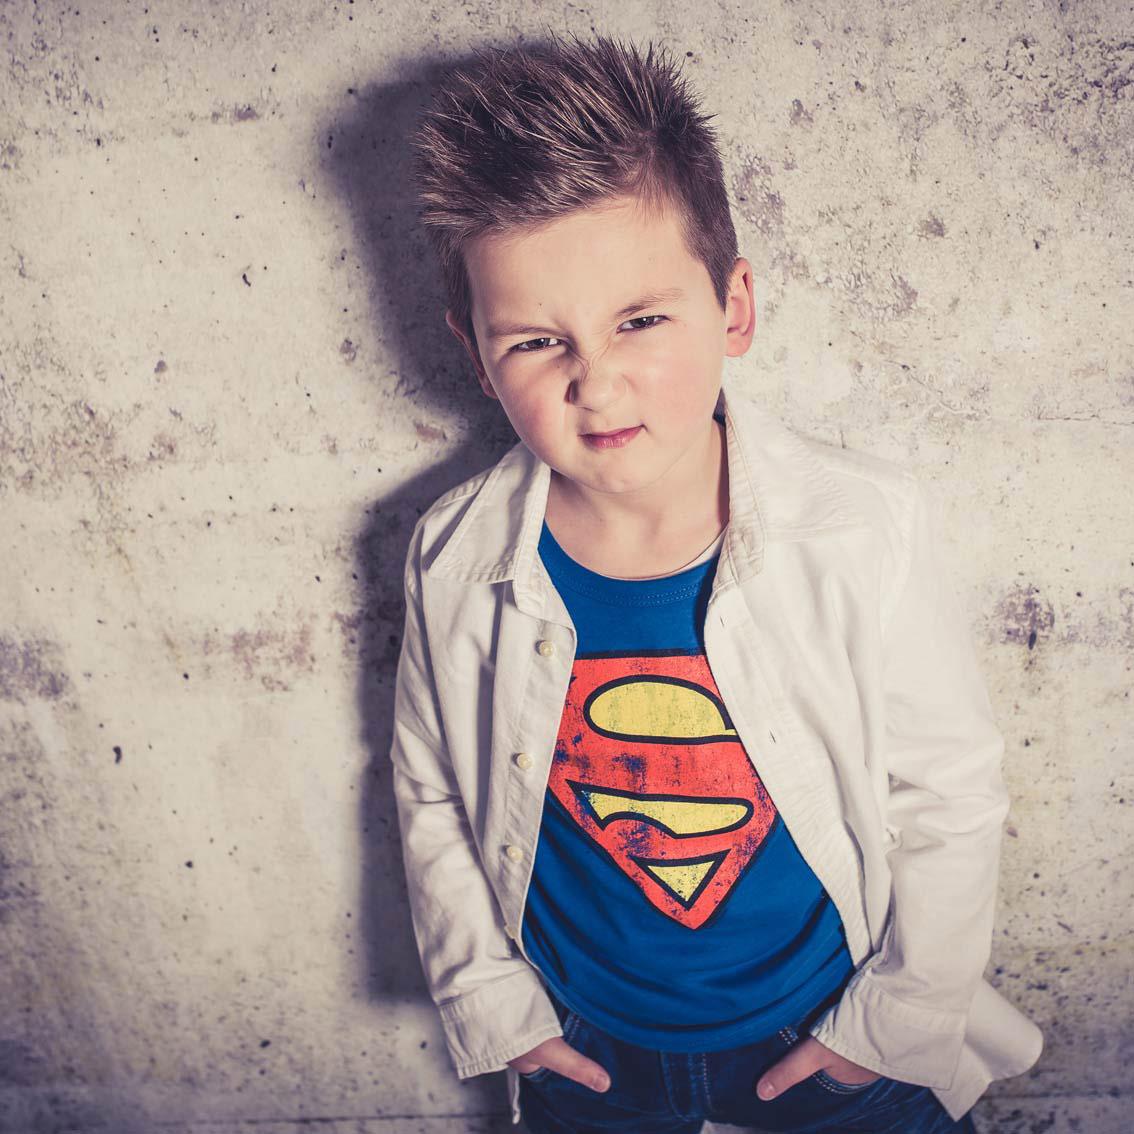 kids-kinder-kinderfotos-kinder-shooting-aachen-kinderportrait-kinderbilder-heinsberg-kinderfotografie-dueren-aachen-alsdorf-040